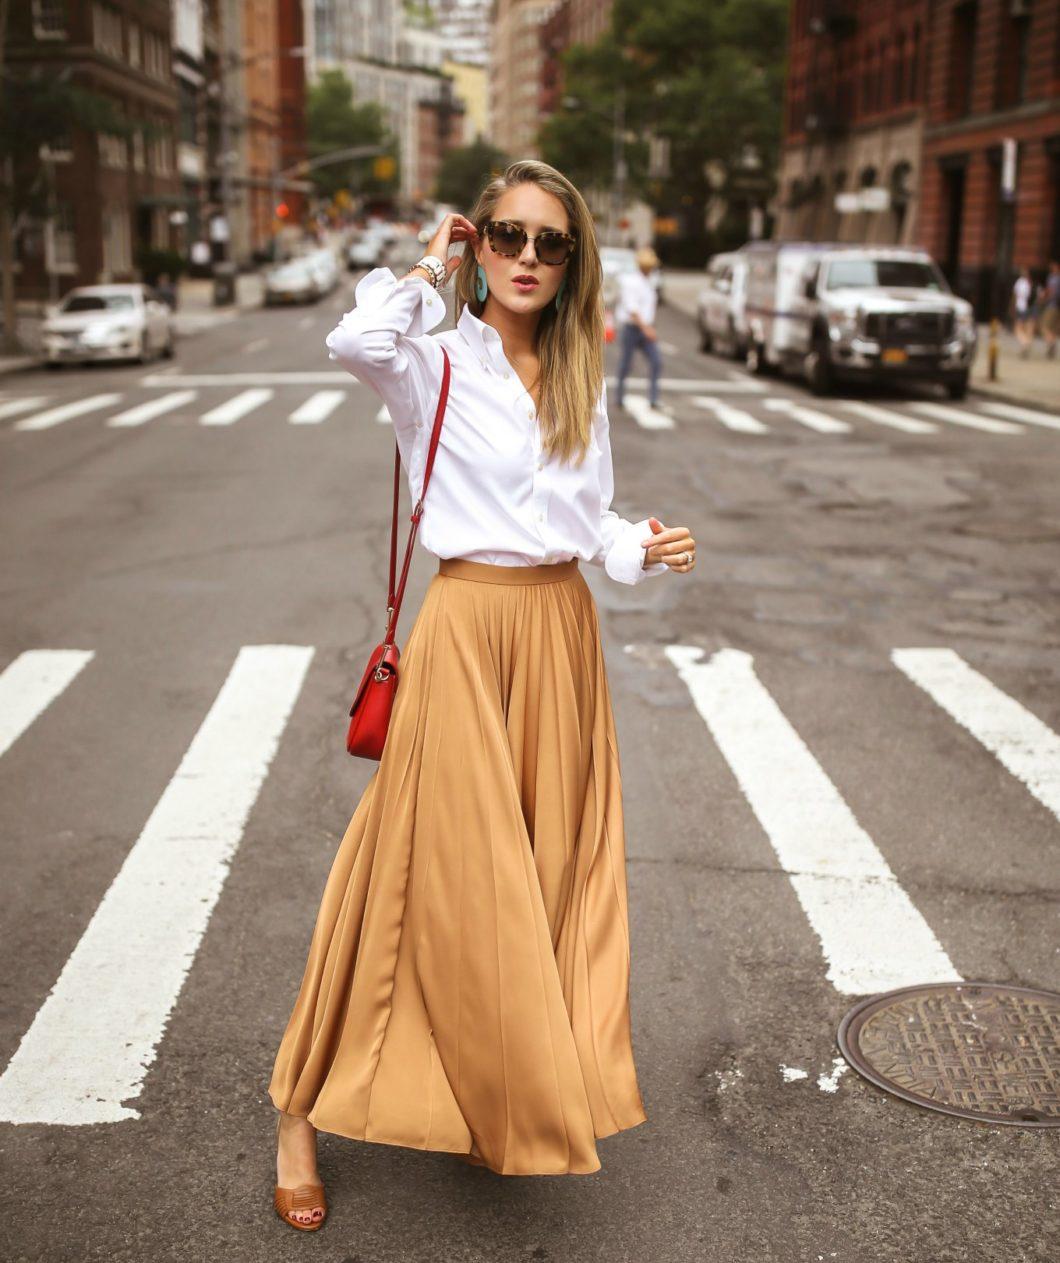 chân váy xếp ly màu vàng trên phố